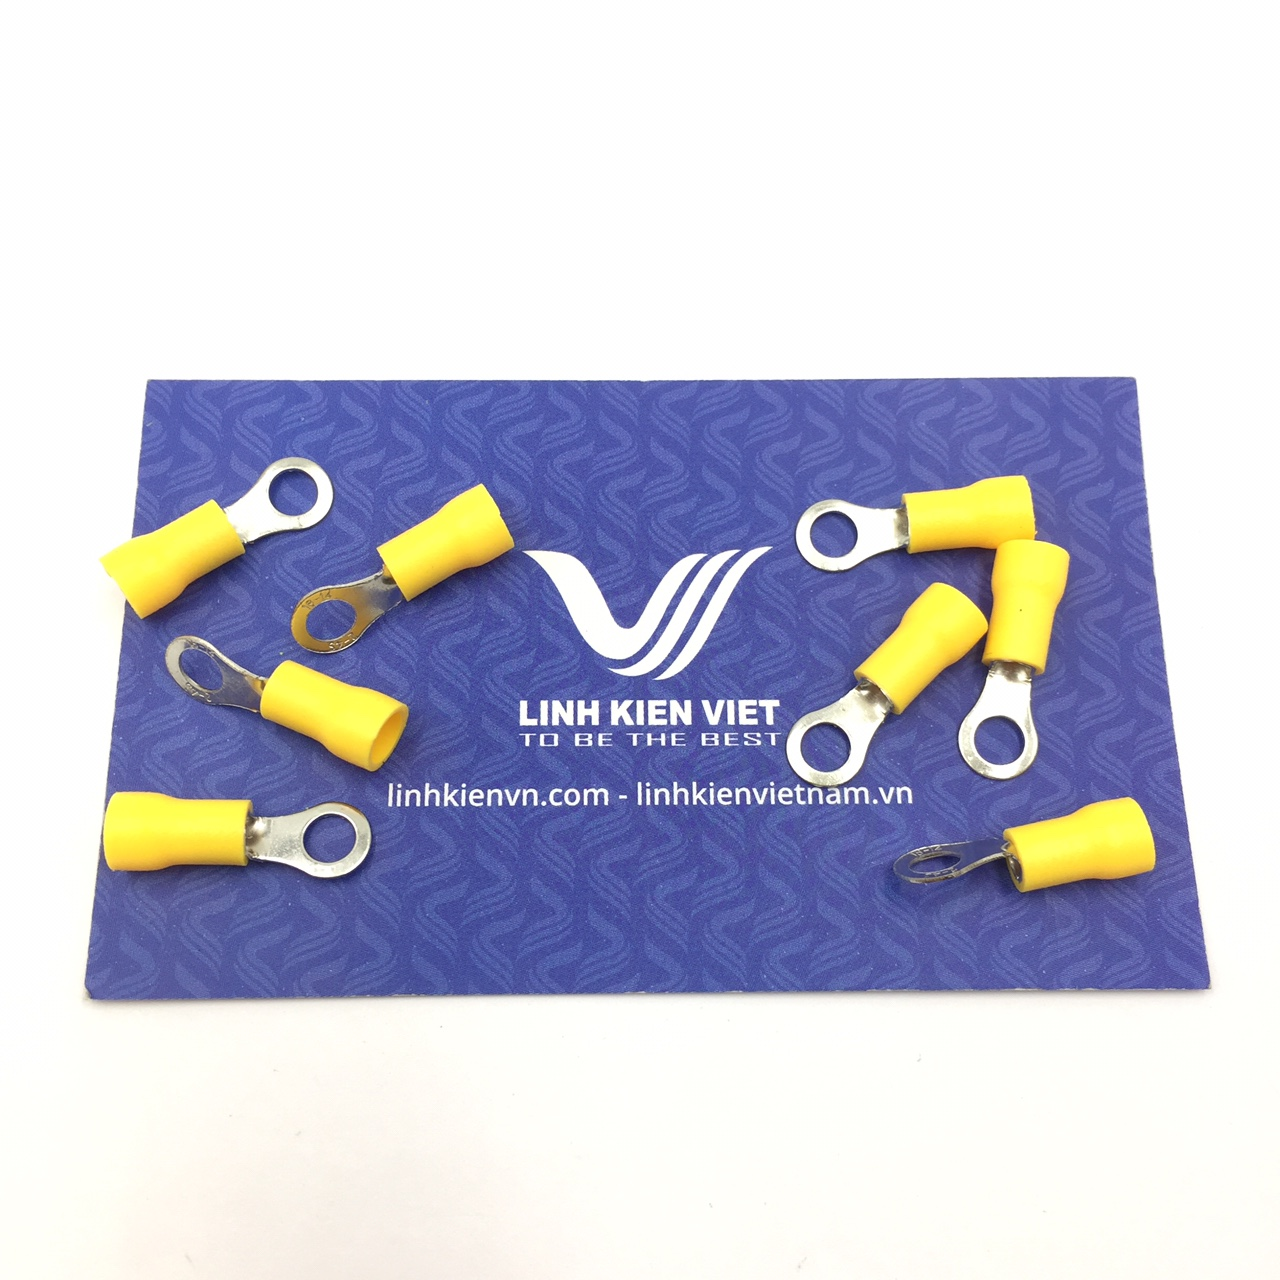 Đầu CỐT tròn RV2-4S Màu vàng - túi 100 cái - S2H8